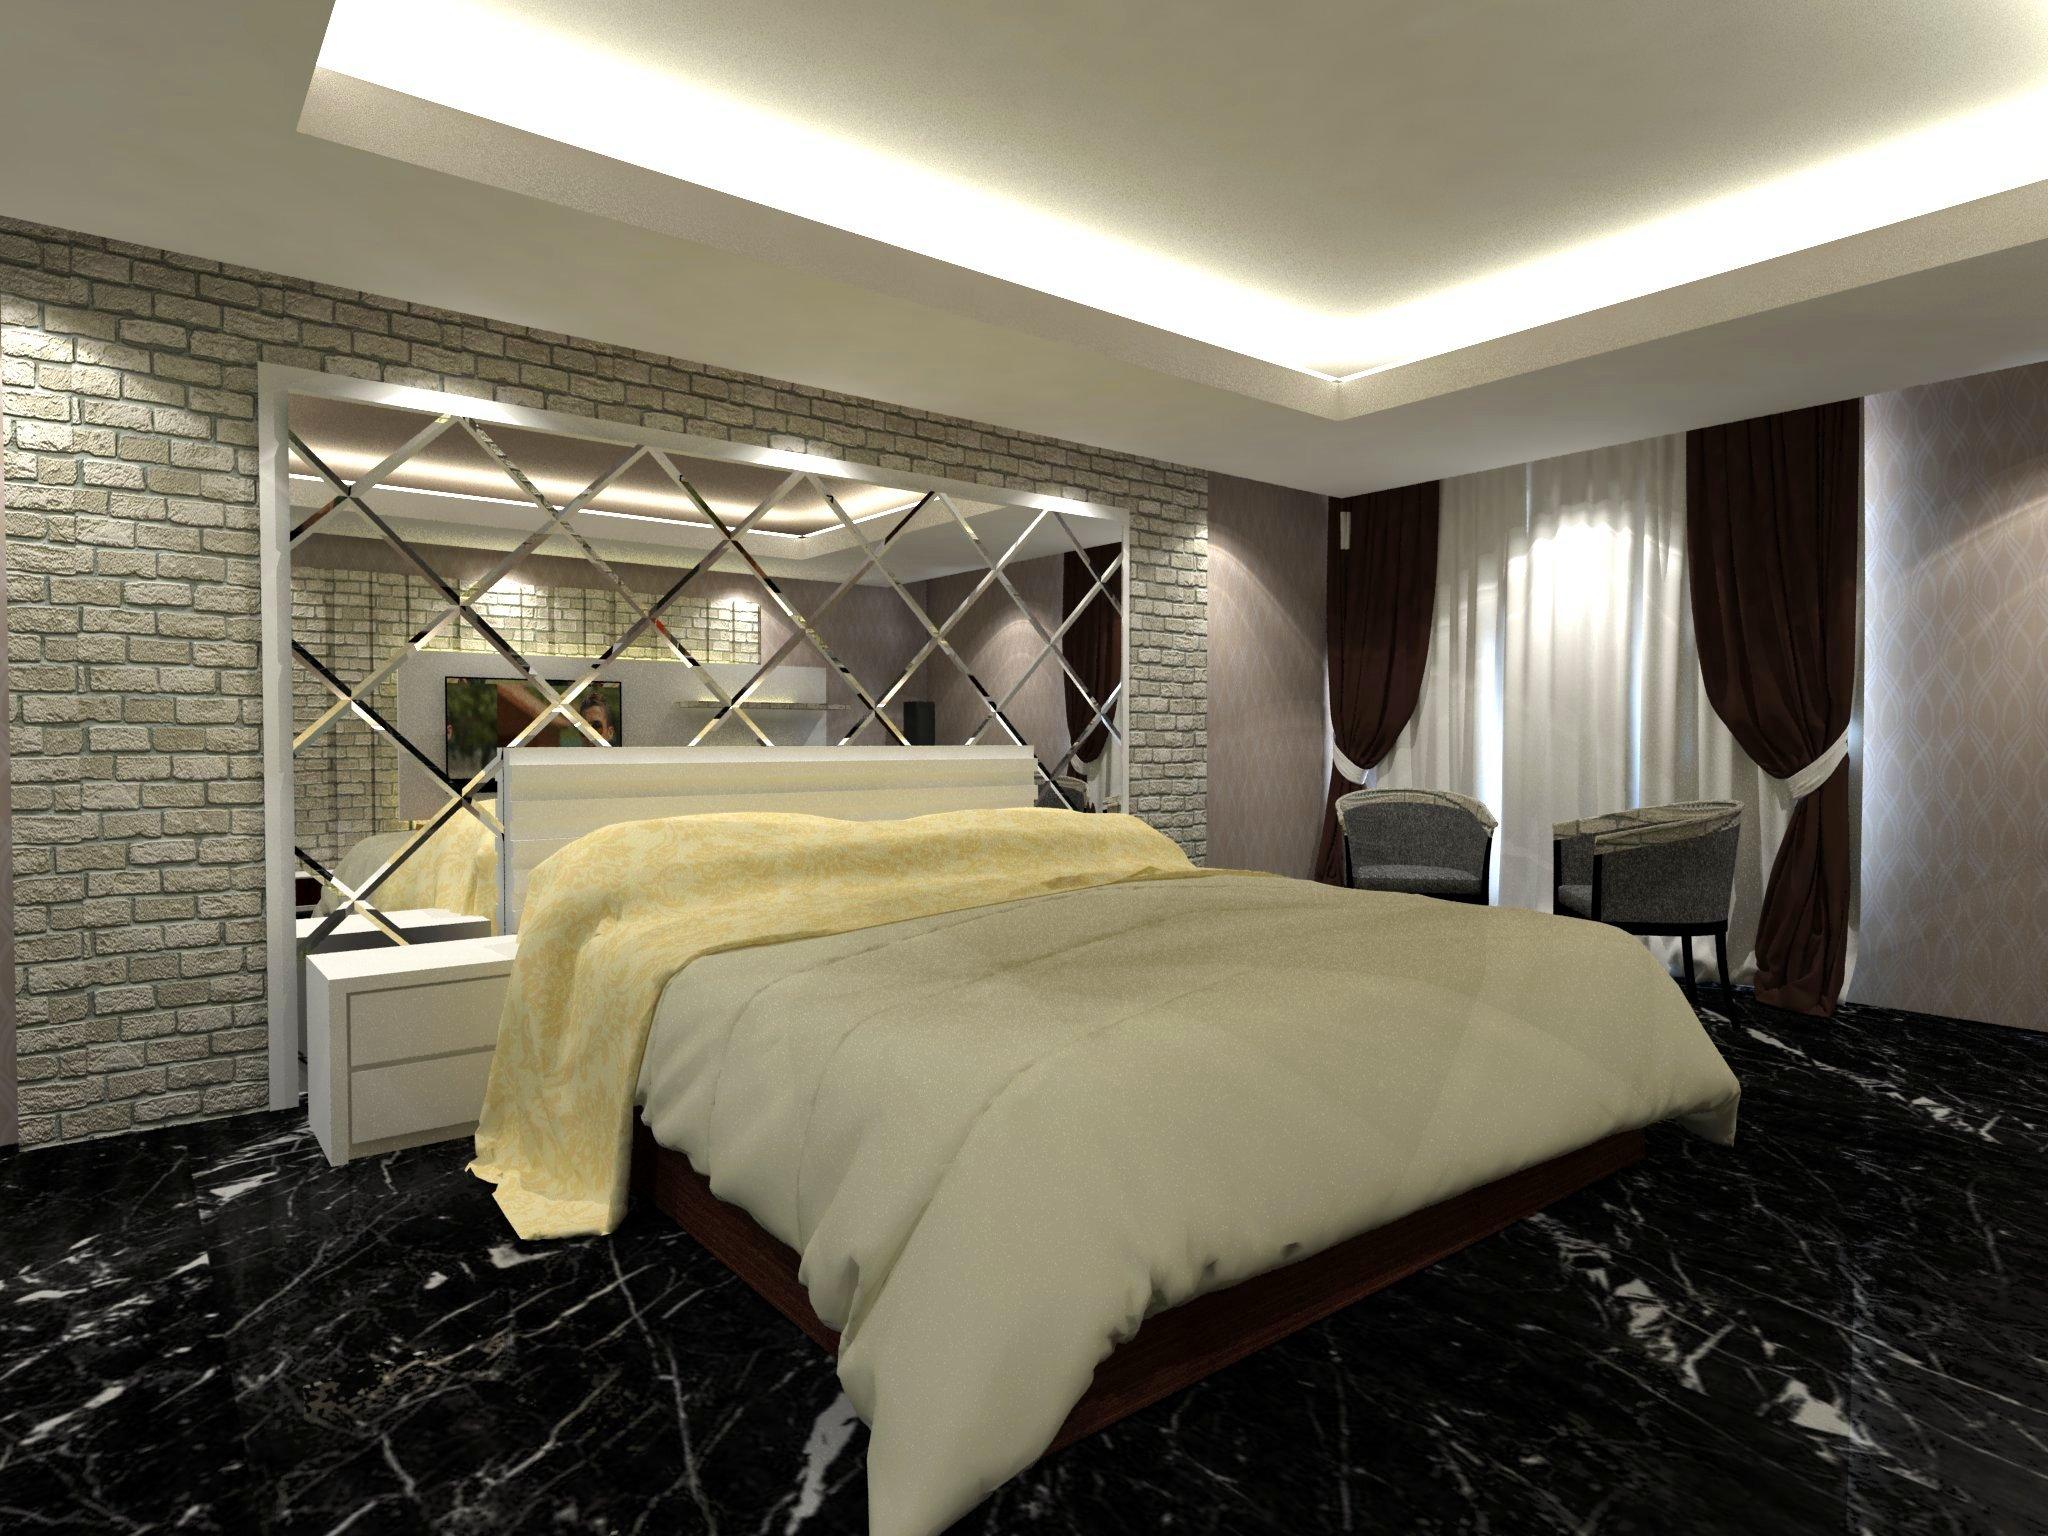 Interior desain apartemen di kamal muara, jakarta utara